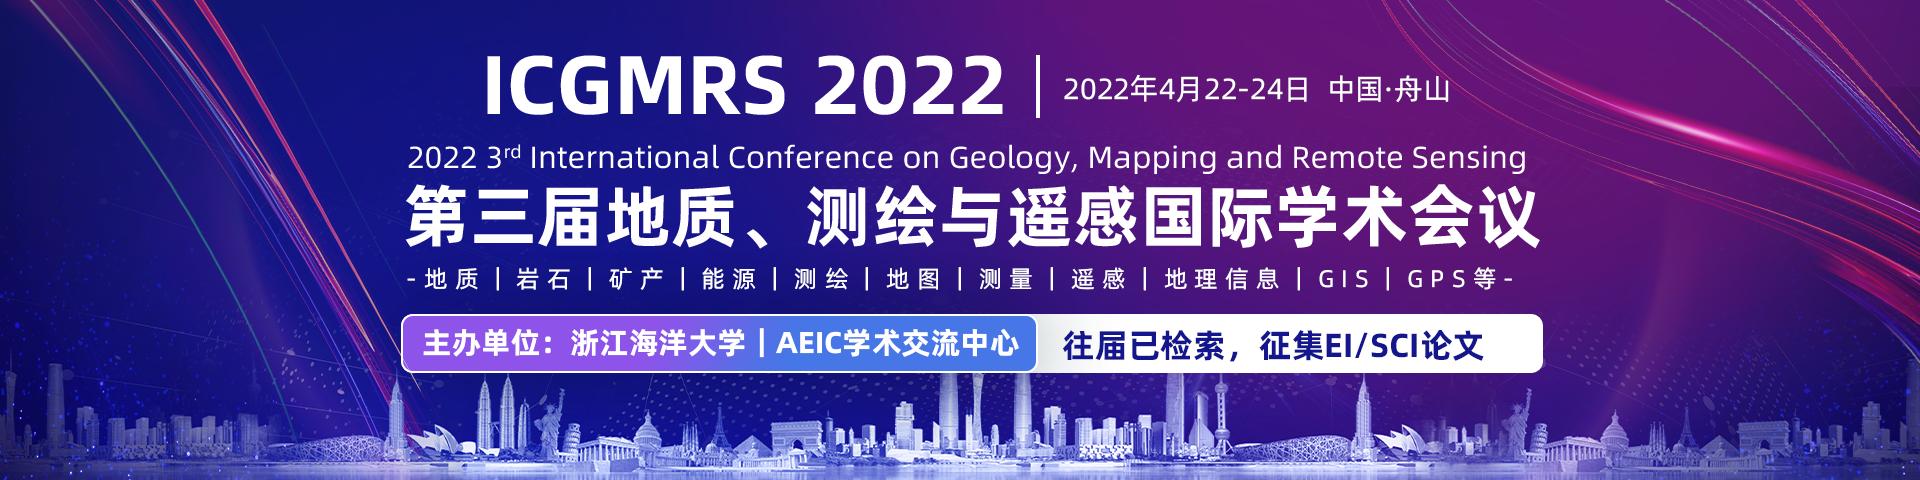 4月舟山 -ICGMRS2022-会议艾思banner-张寅婕-20210810.png